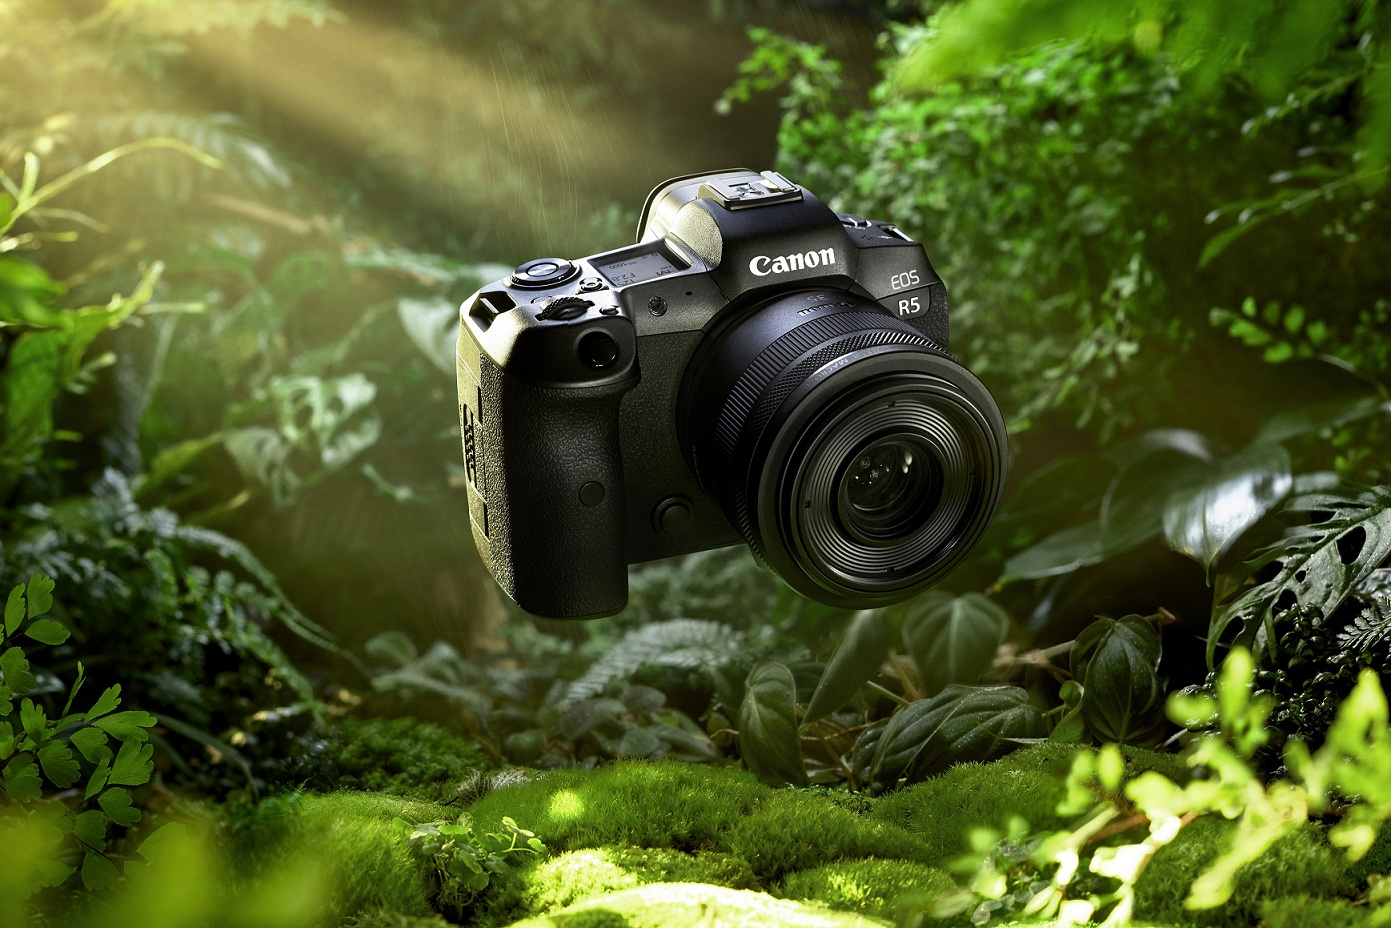 Canon ra mắt máy ảnh EOS R5, R6 và loạt ống kính mới marketingreview.vn